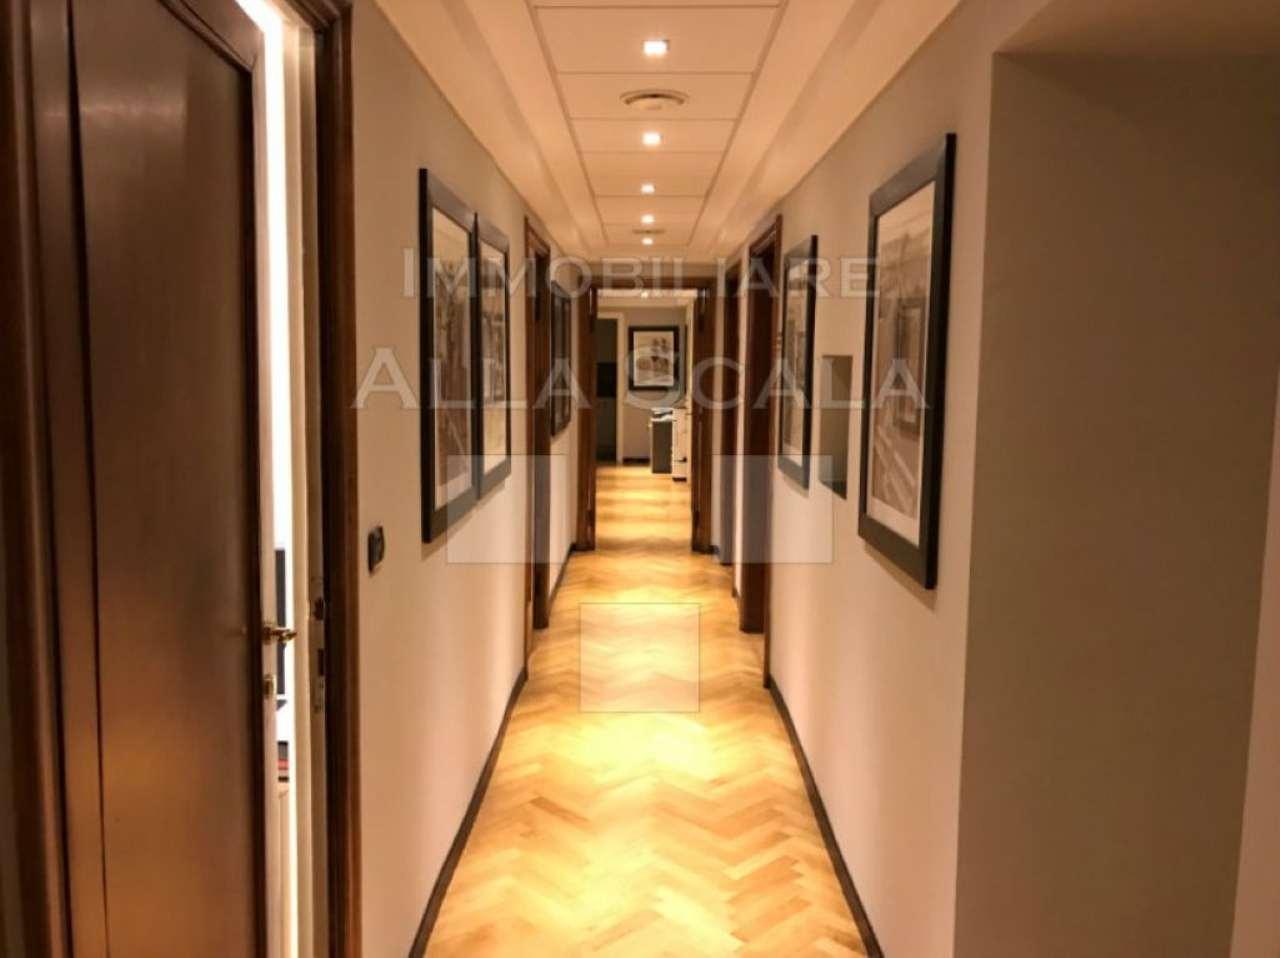 Ufficio / Studio in affitto a Milano, 11 locali, zona Zona: 1 . Centro Storico, Duomo, Brera, Cadorna, Cattolica, prezzo € 10.833 | CambioCasa.it